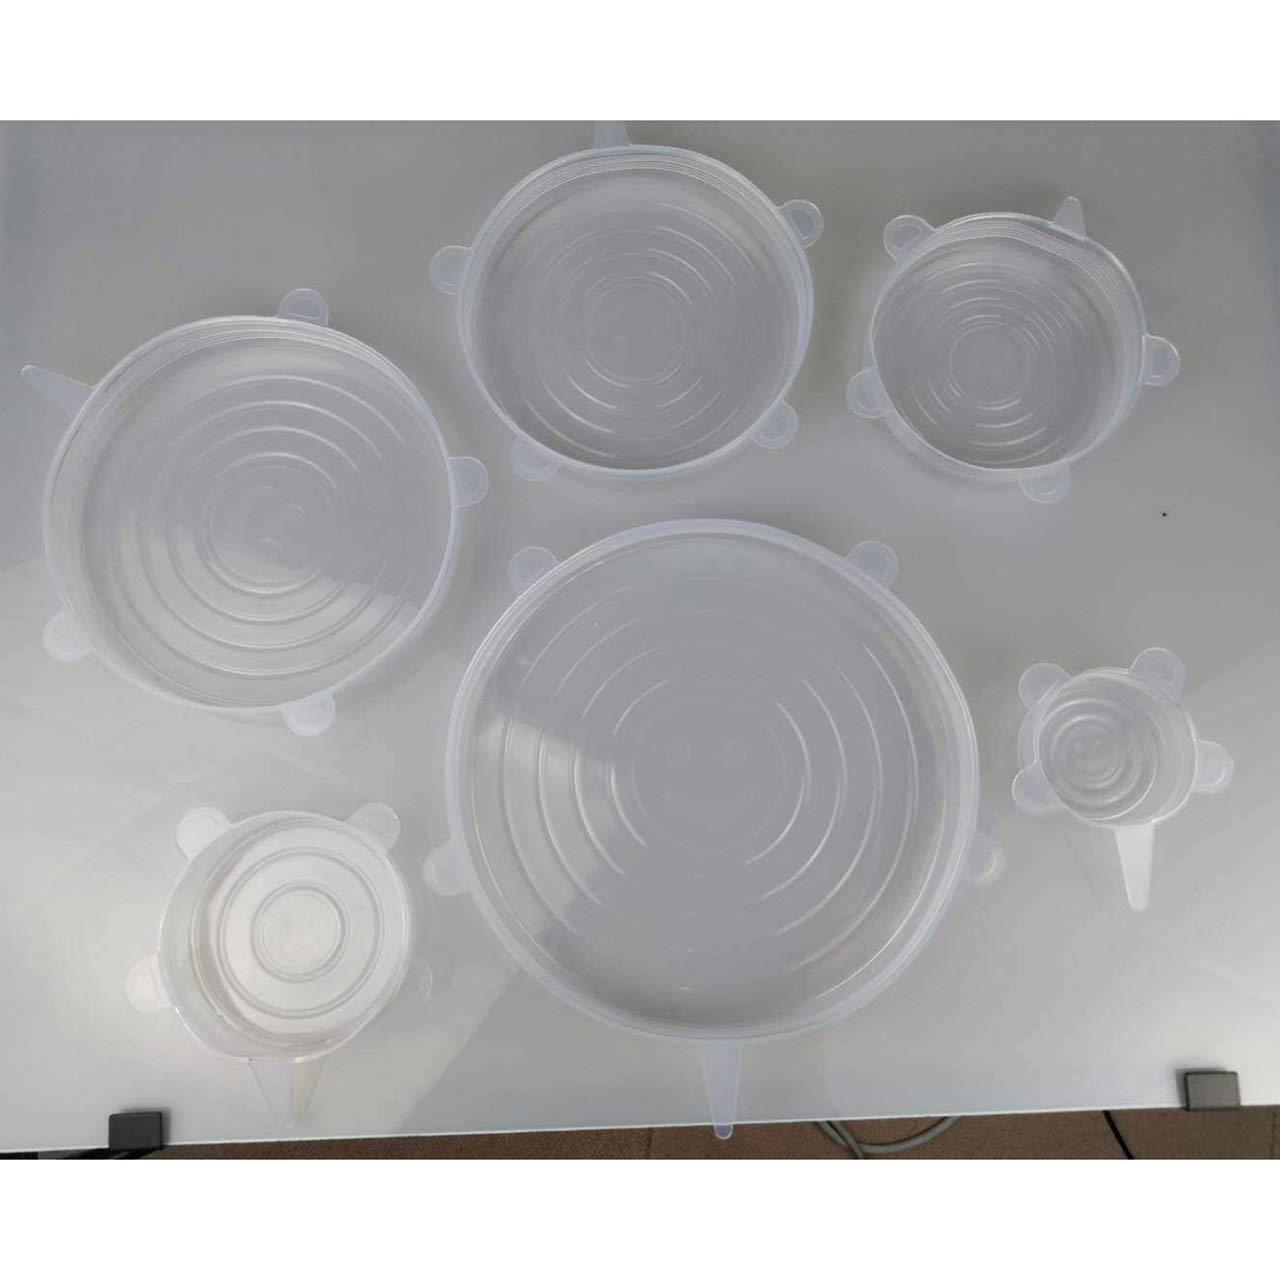 fITtprintse 6pcs coperchi del Silicone del commestibile coperchi di Ciotola Elastici coperchi di Coperchio di pentola di pentola di Copertura di Pan Fresco Universale Accessori da Cucina